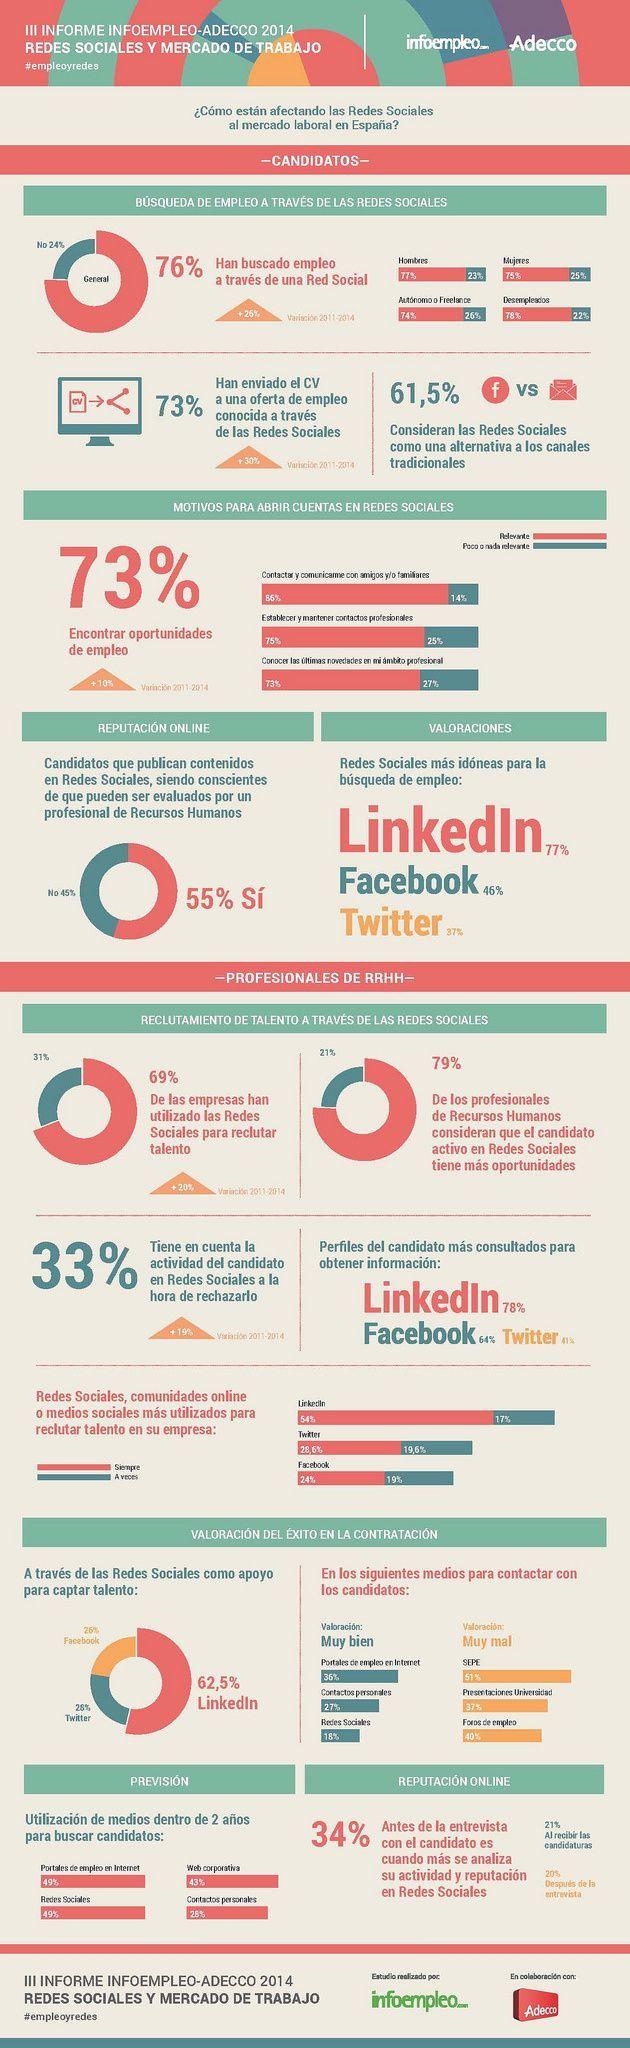 Infografía sobre redes sociales en el mundo laboral